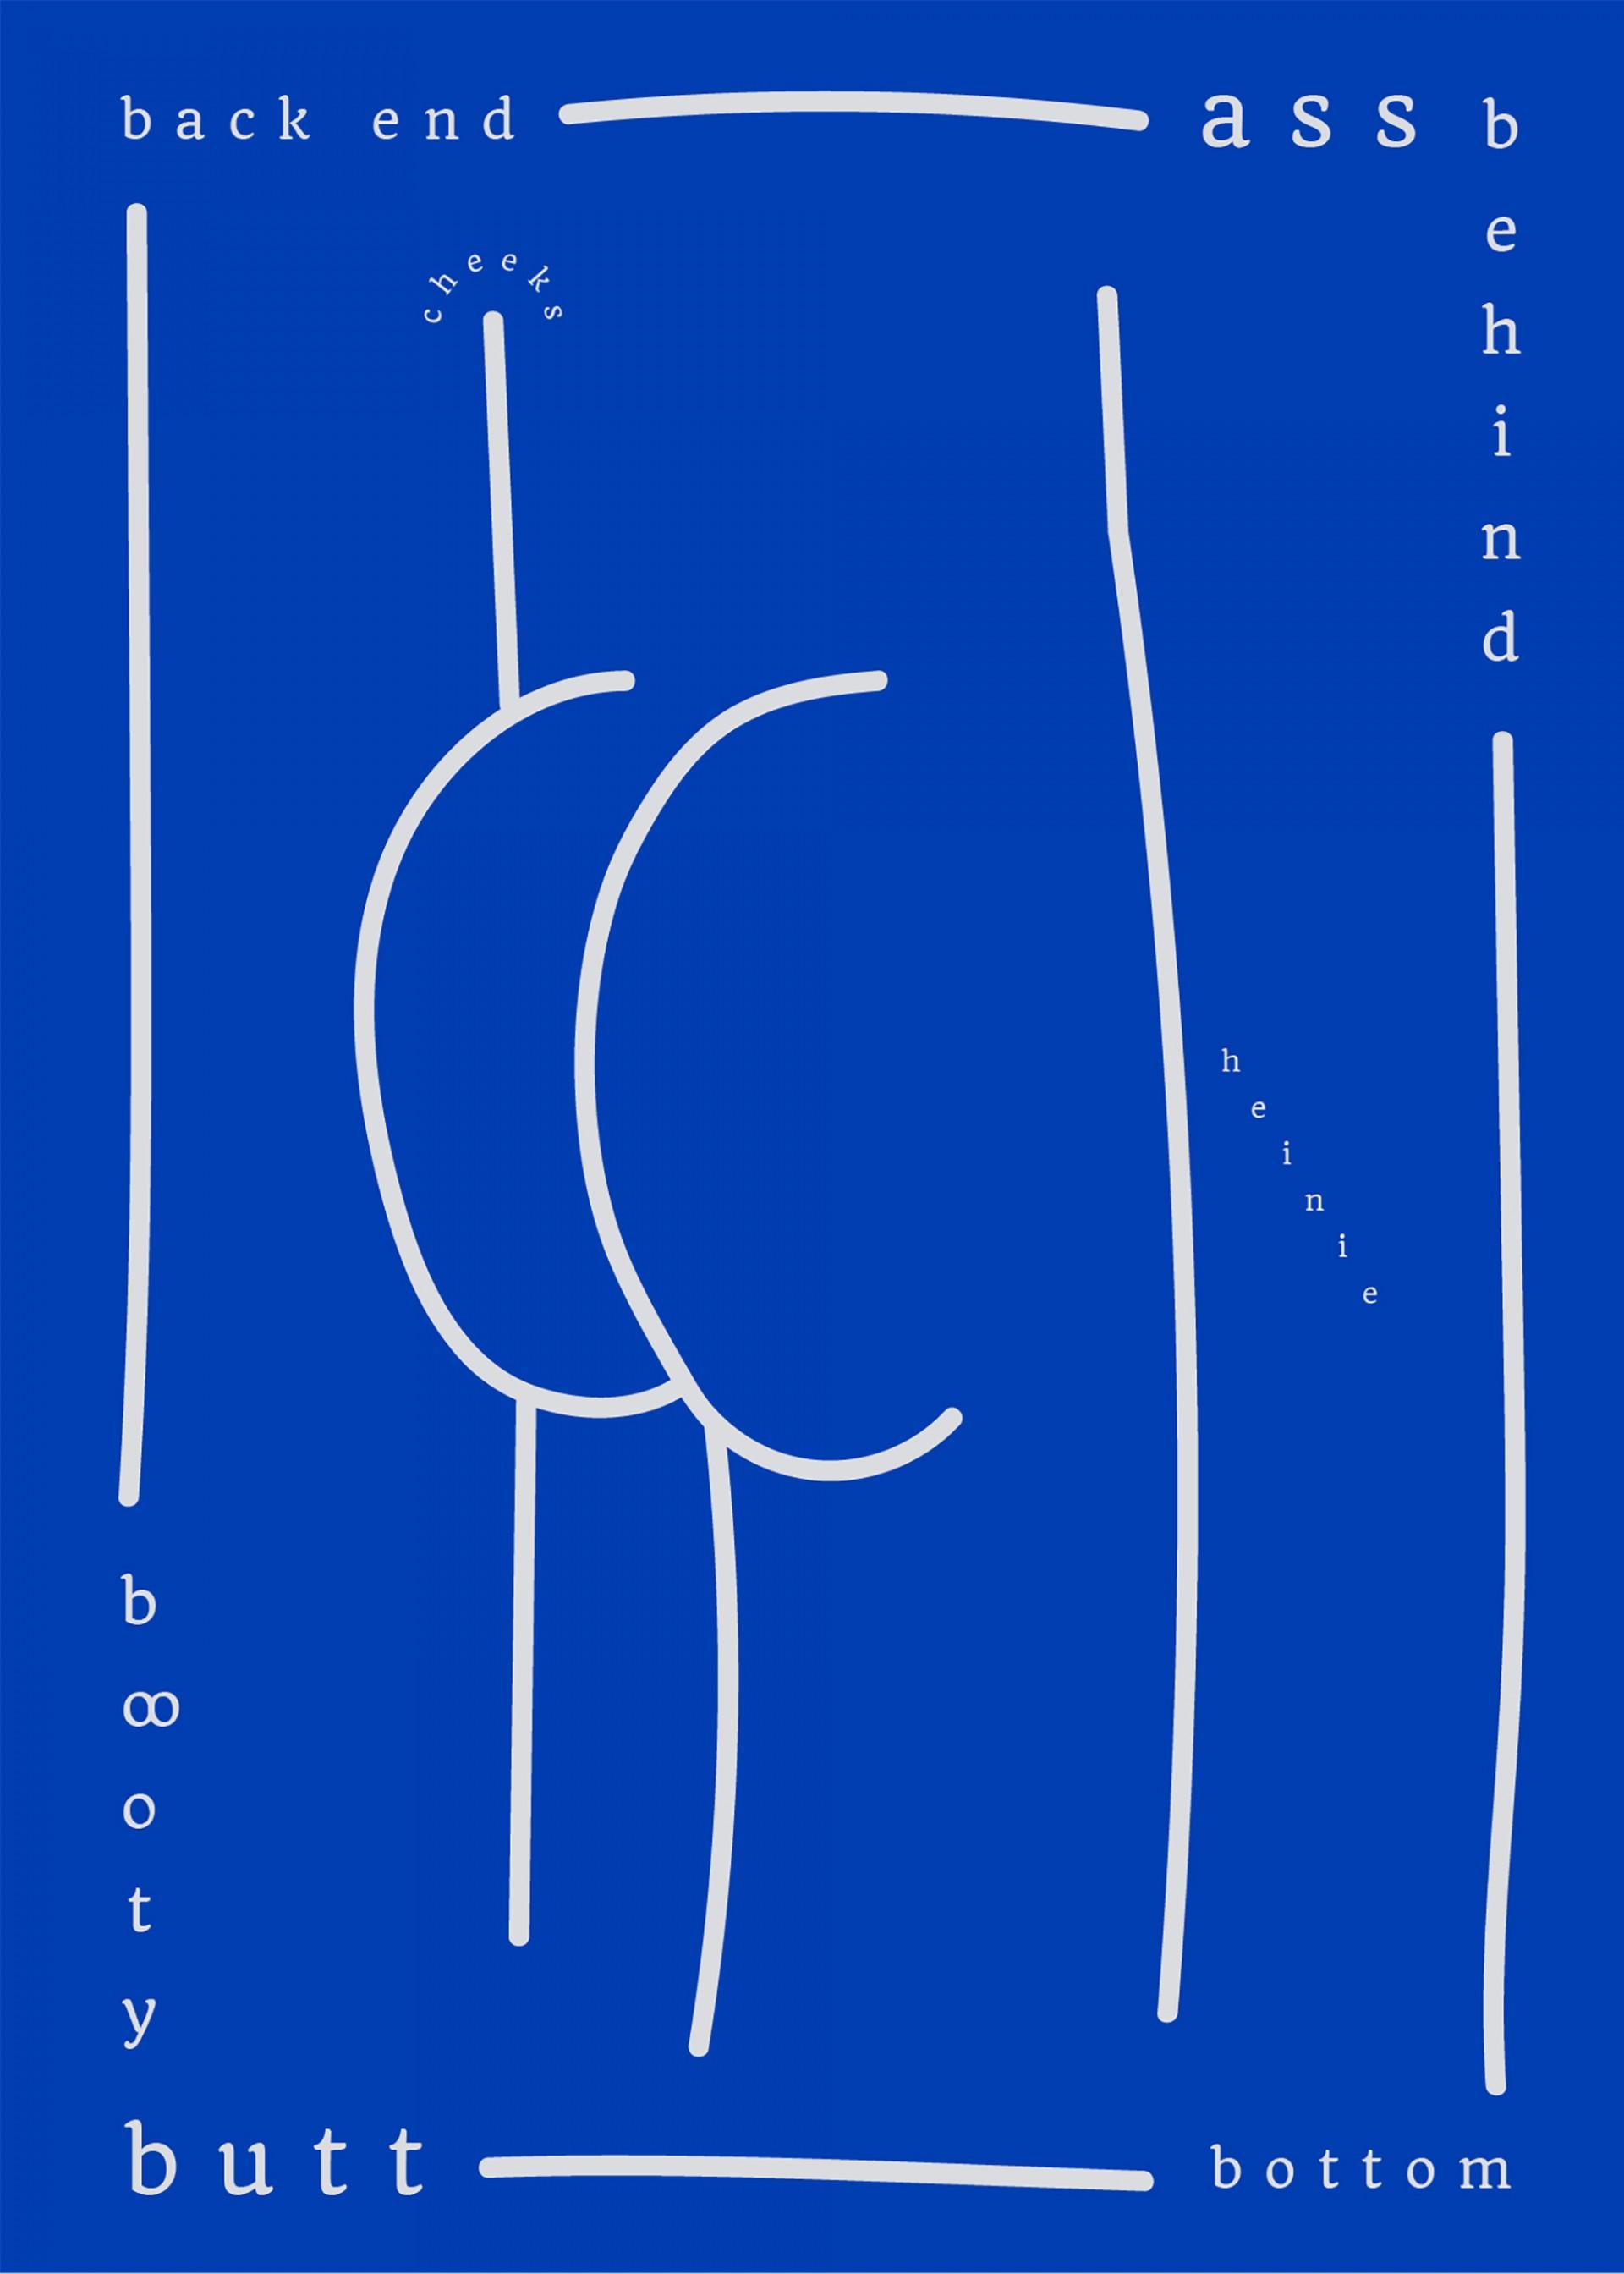 Anders Bakken Blank Posters